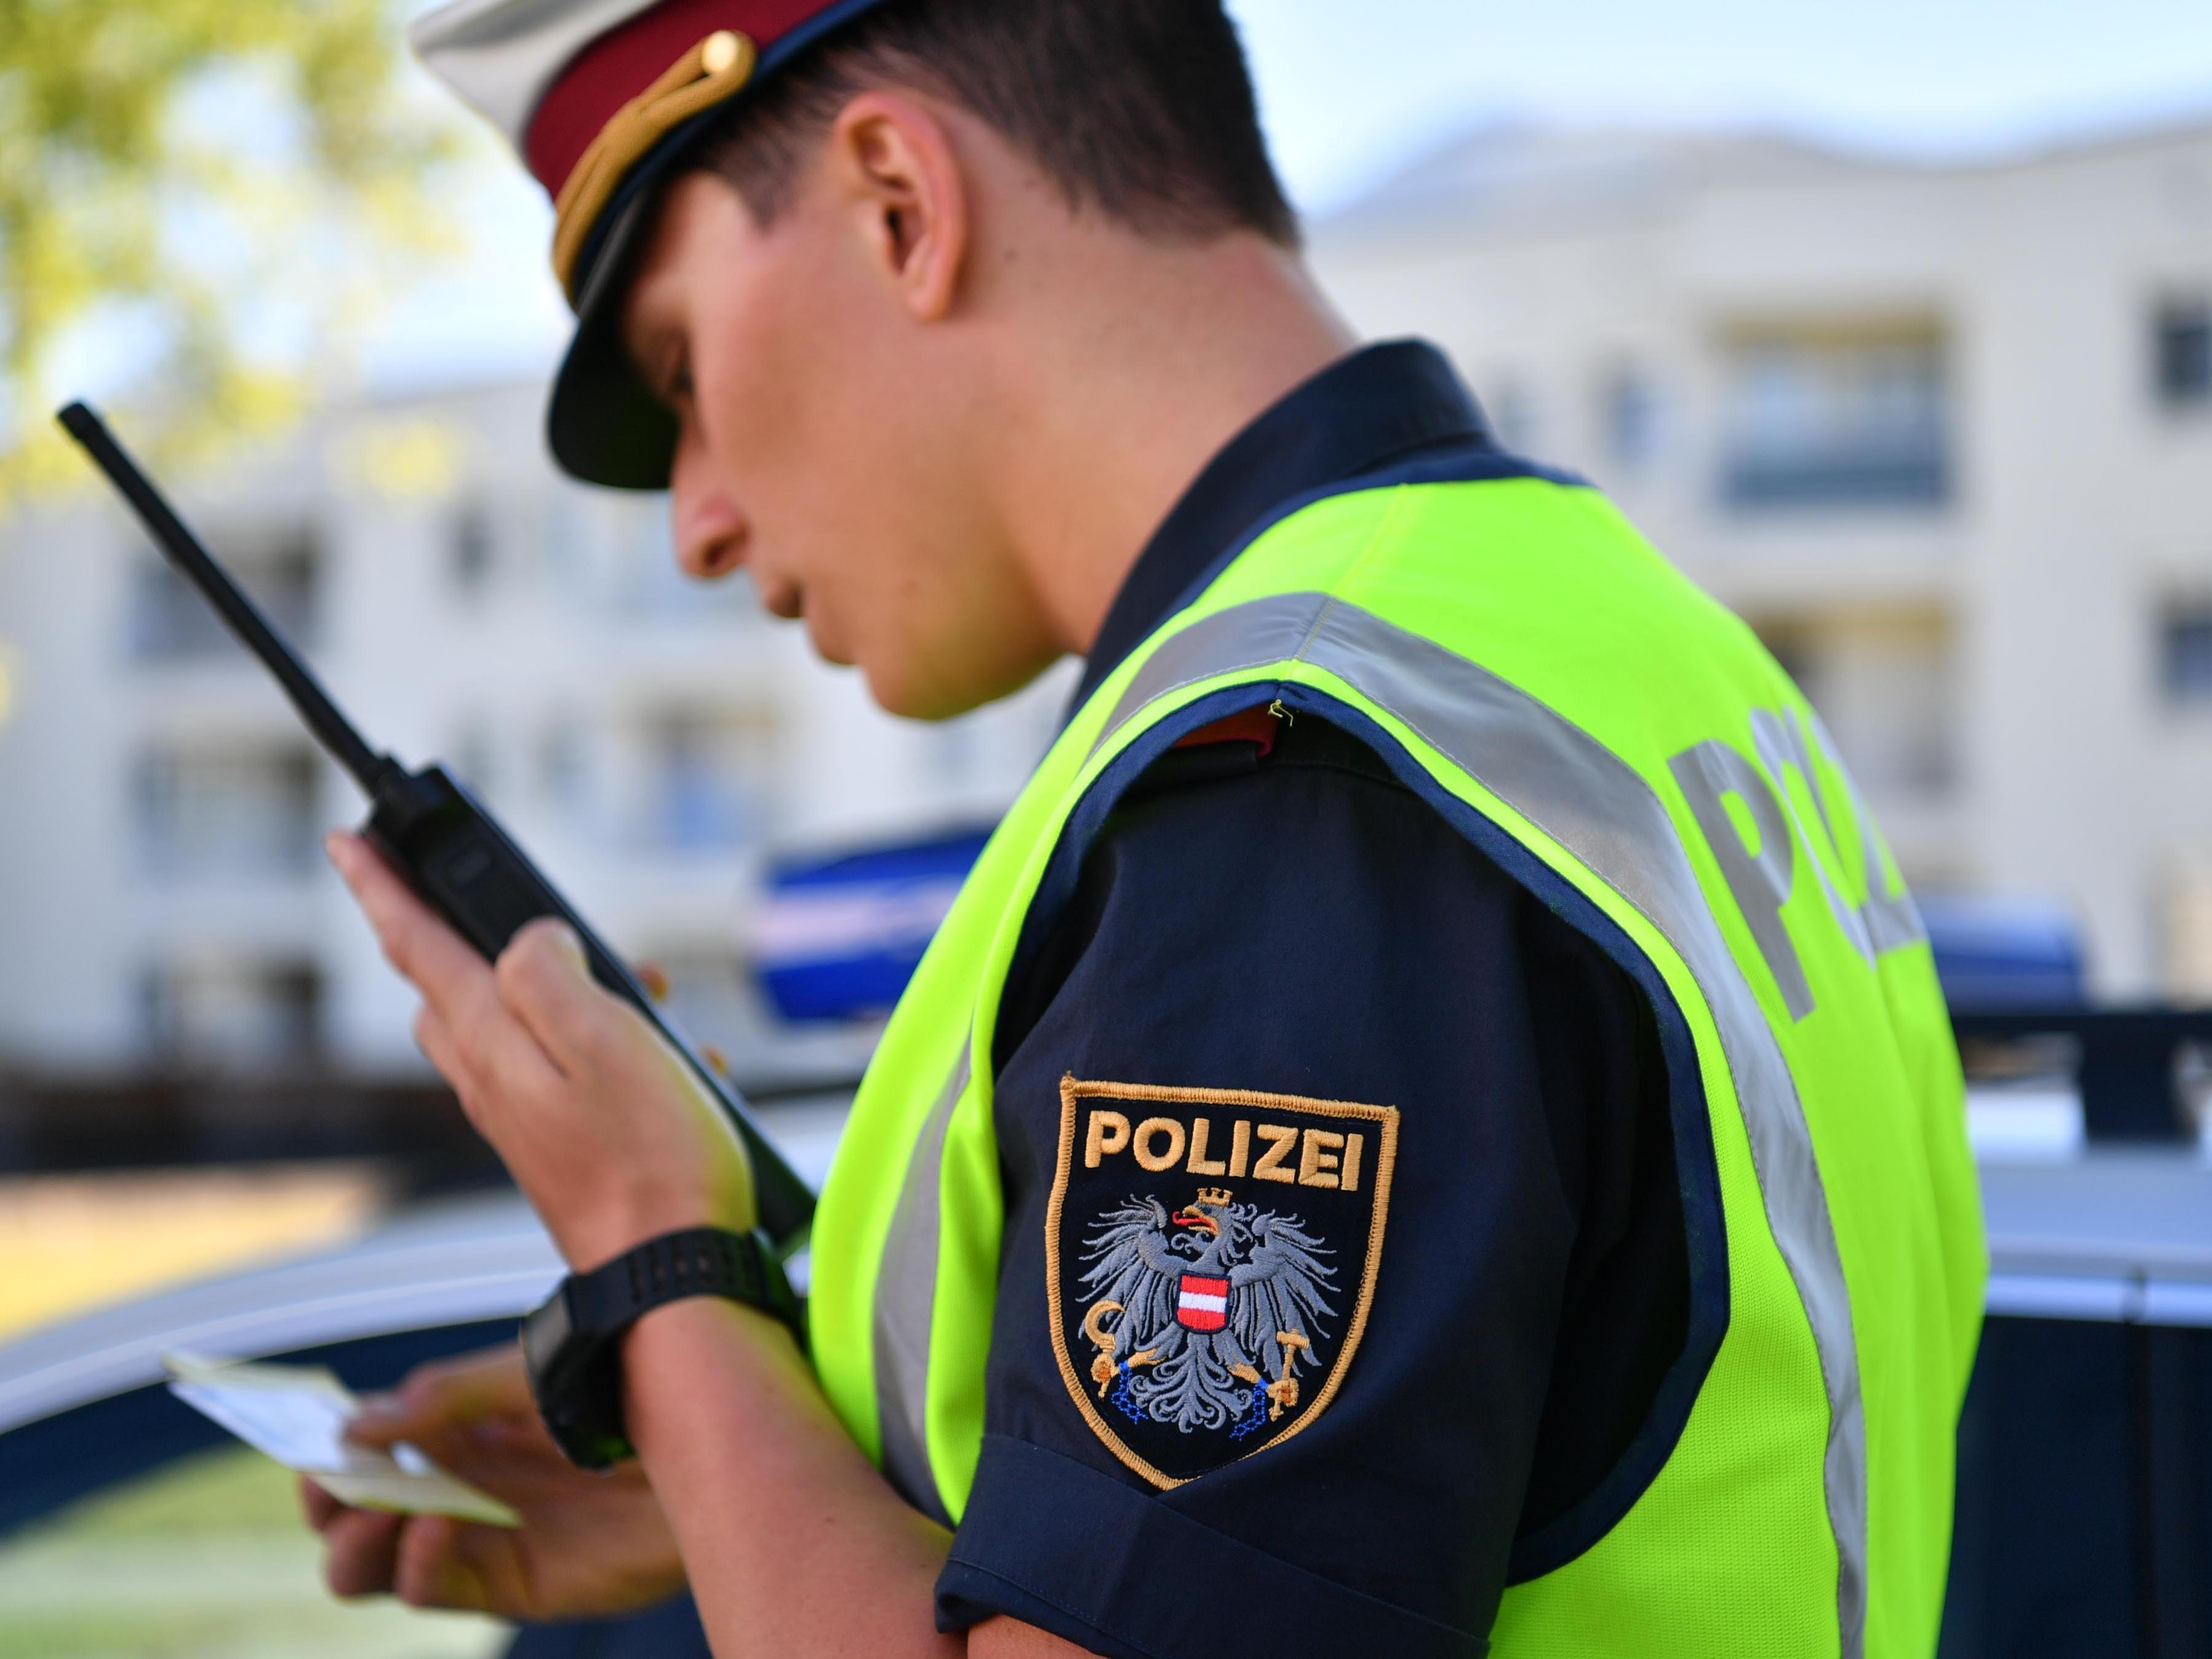 Ein Mann wurde in Wien-Landstraße ohne Grund attackiert